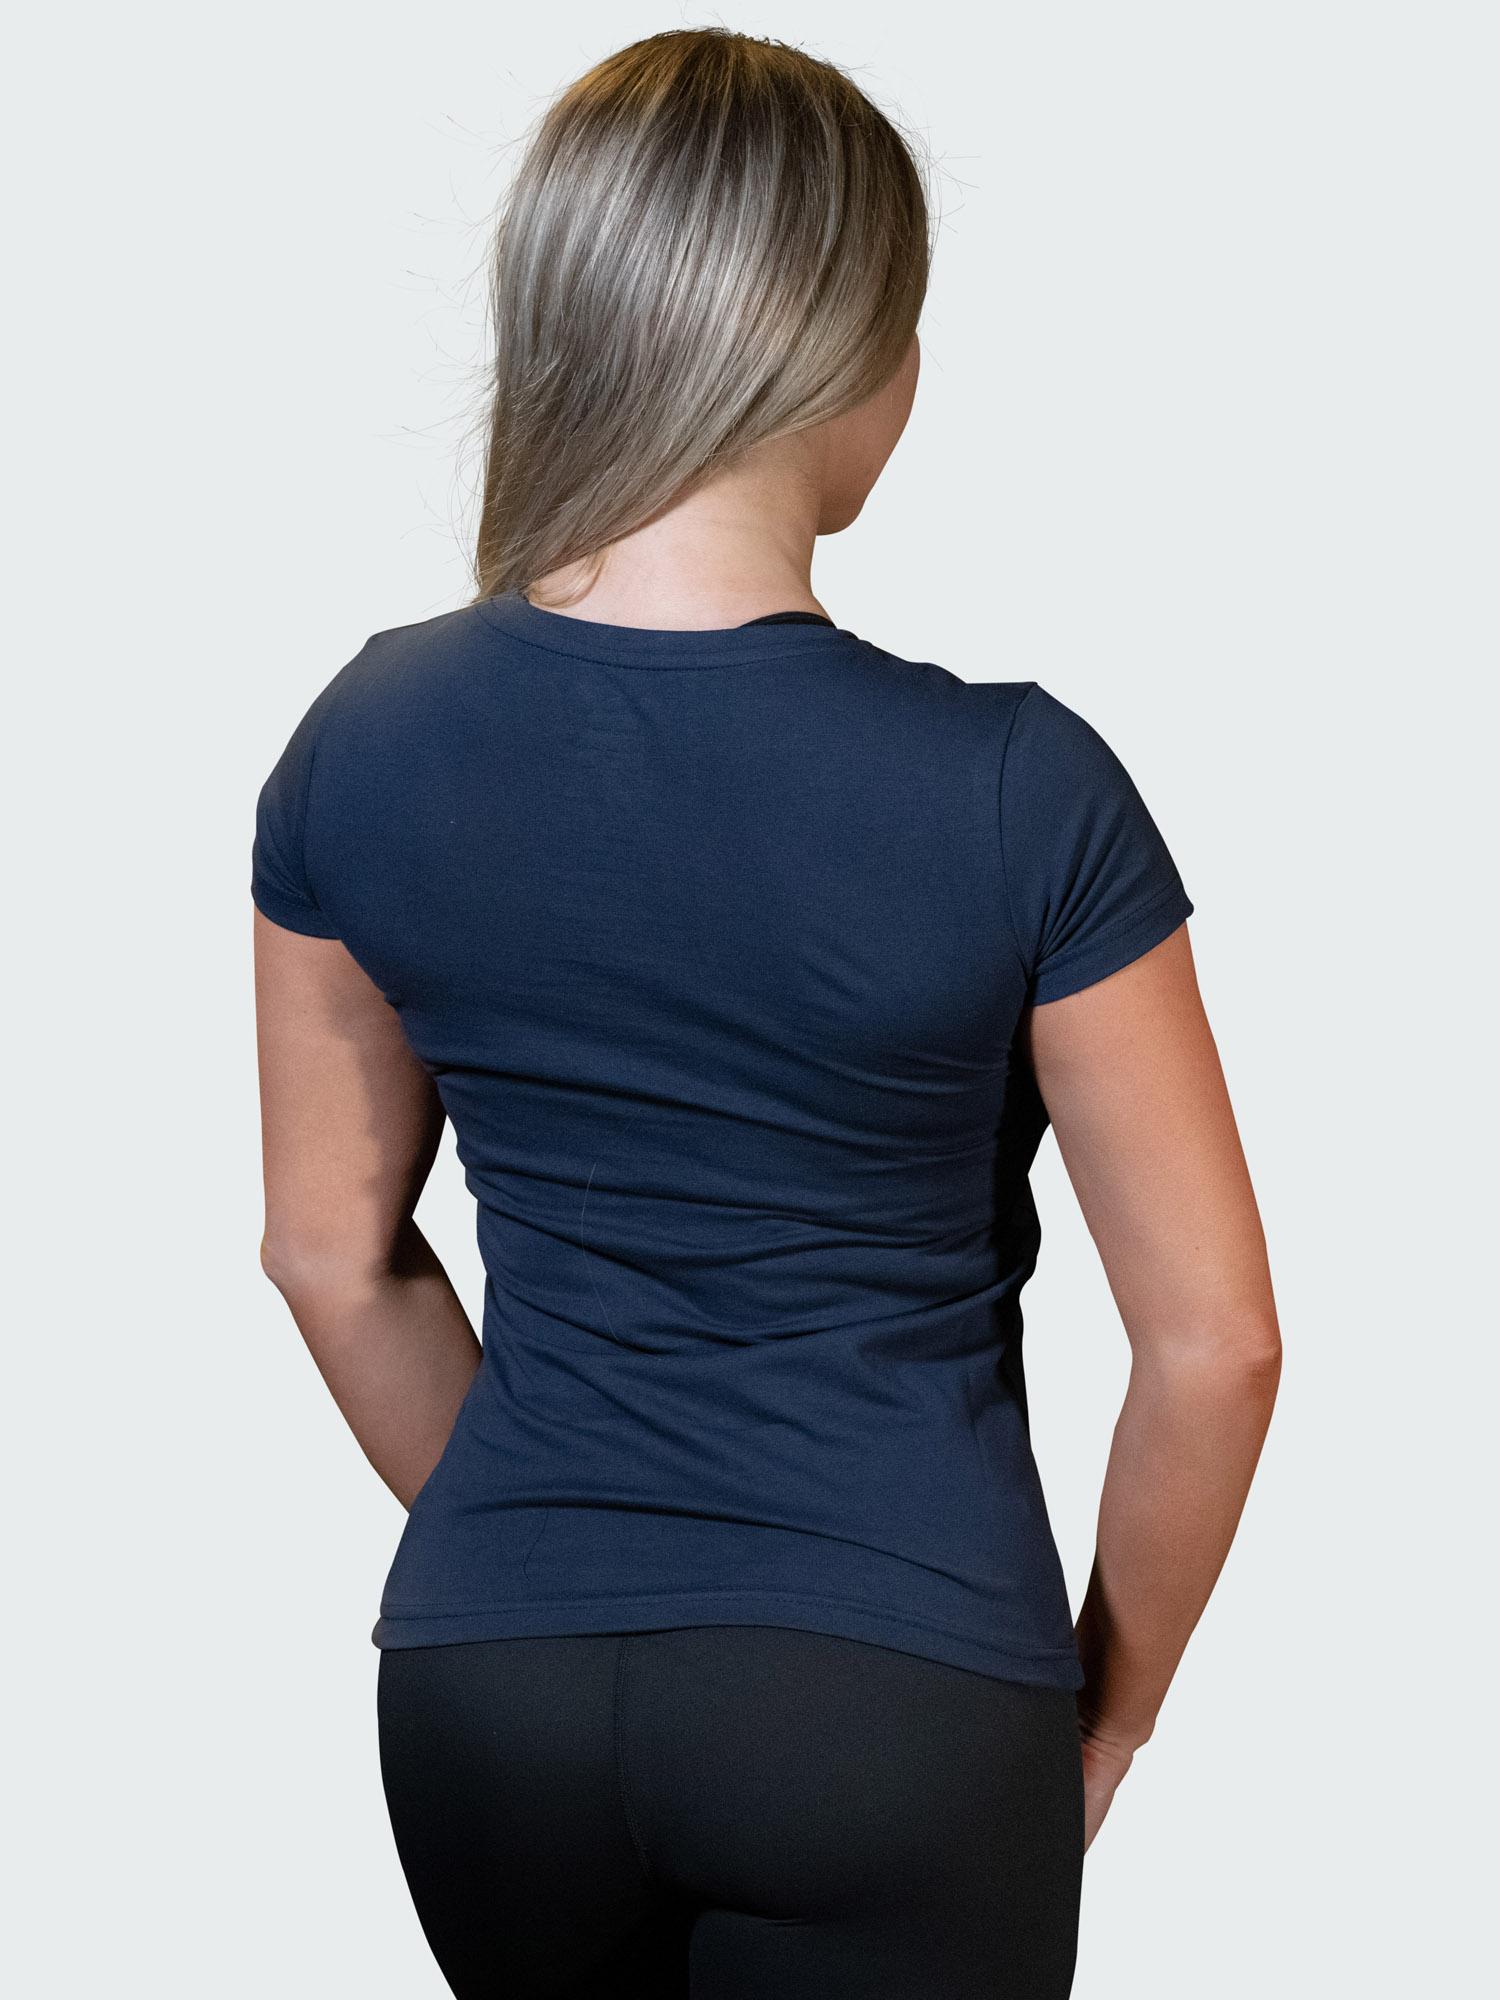 T-Shirt Logo Womens Navy Blue